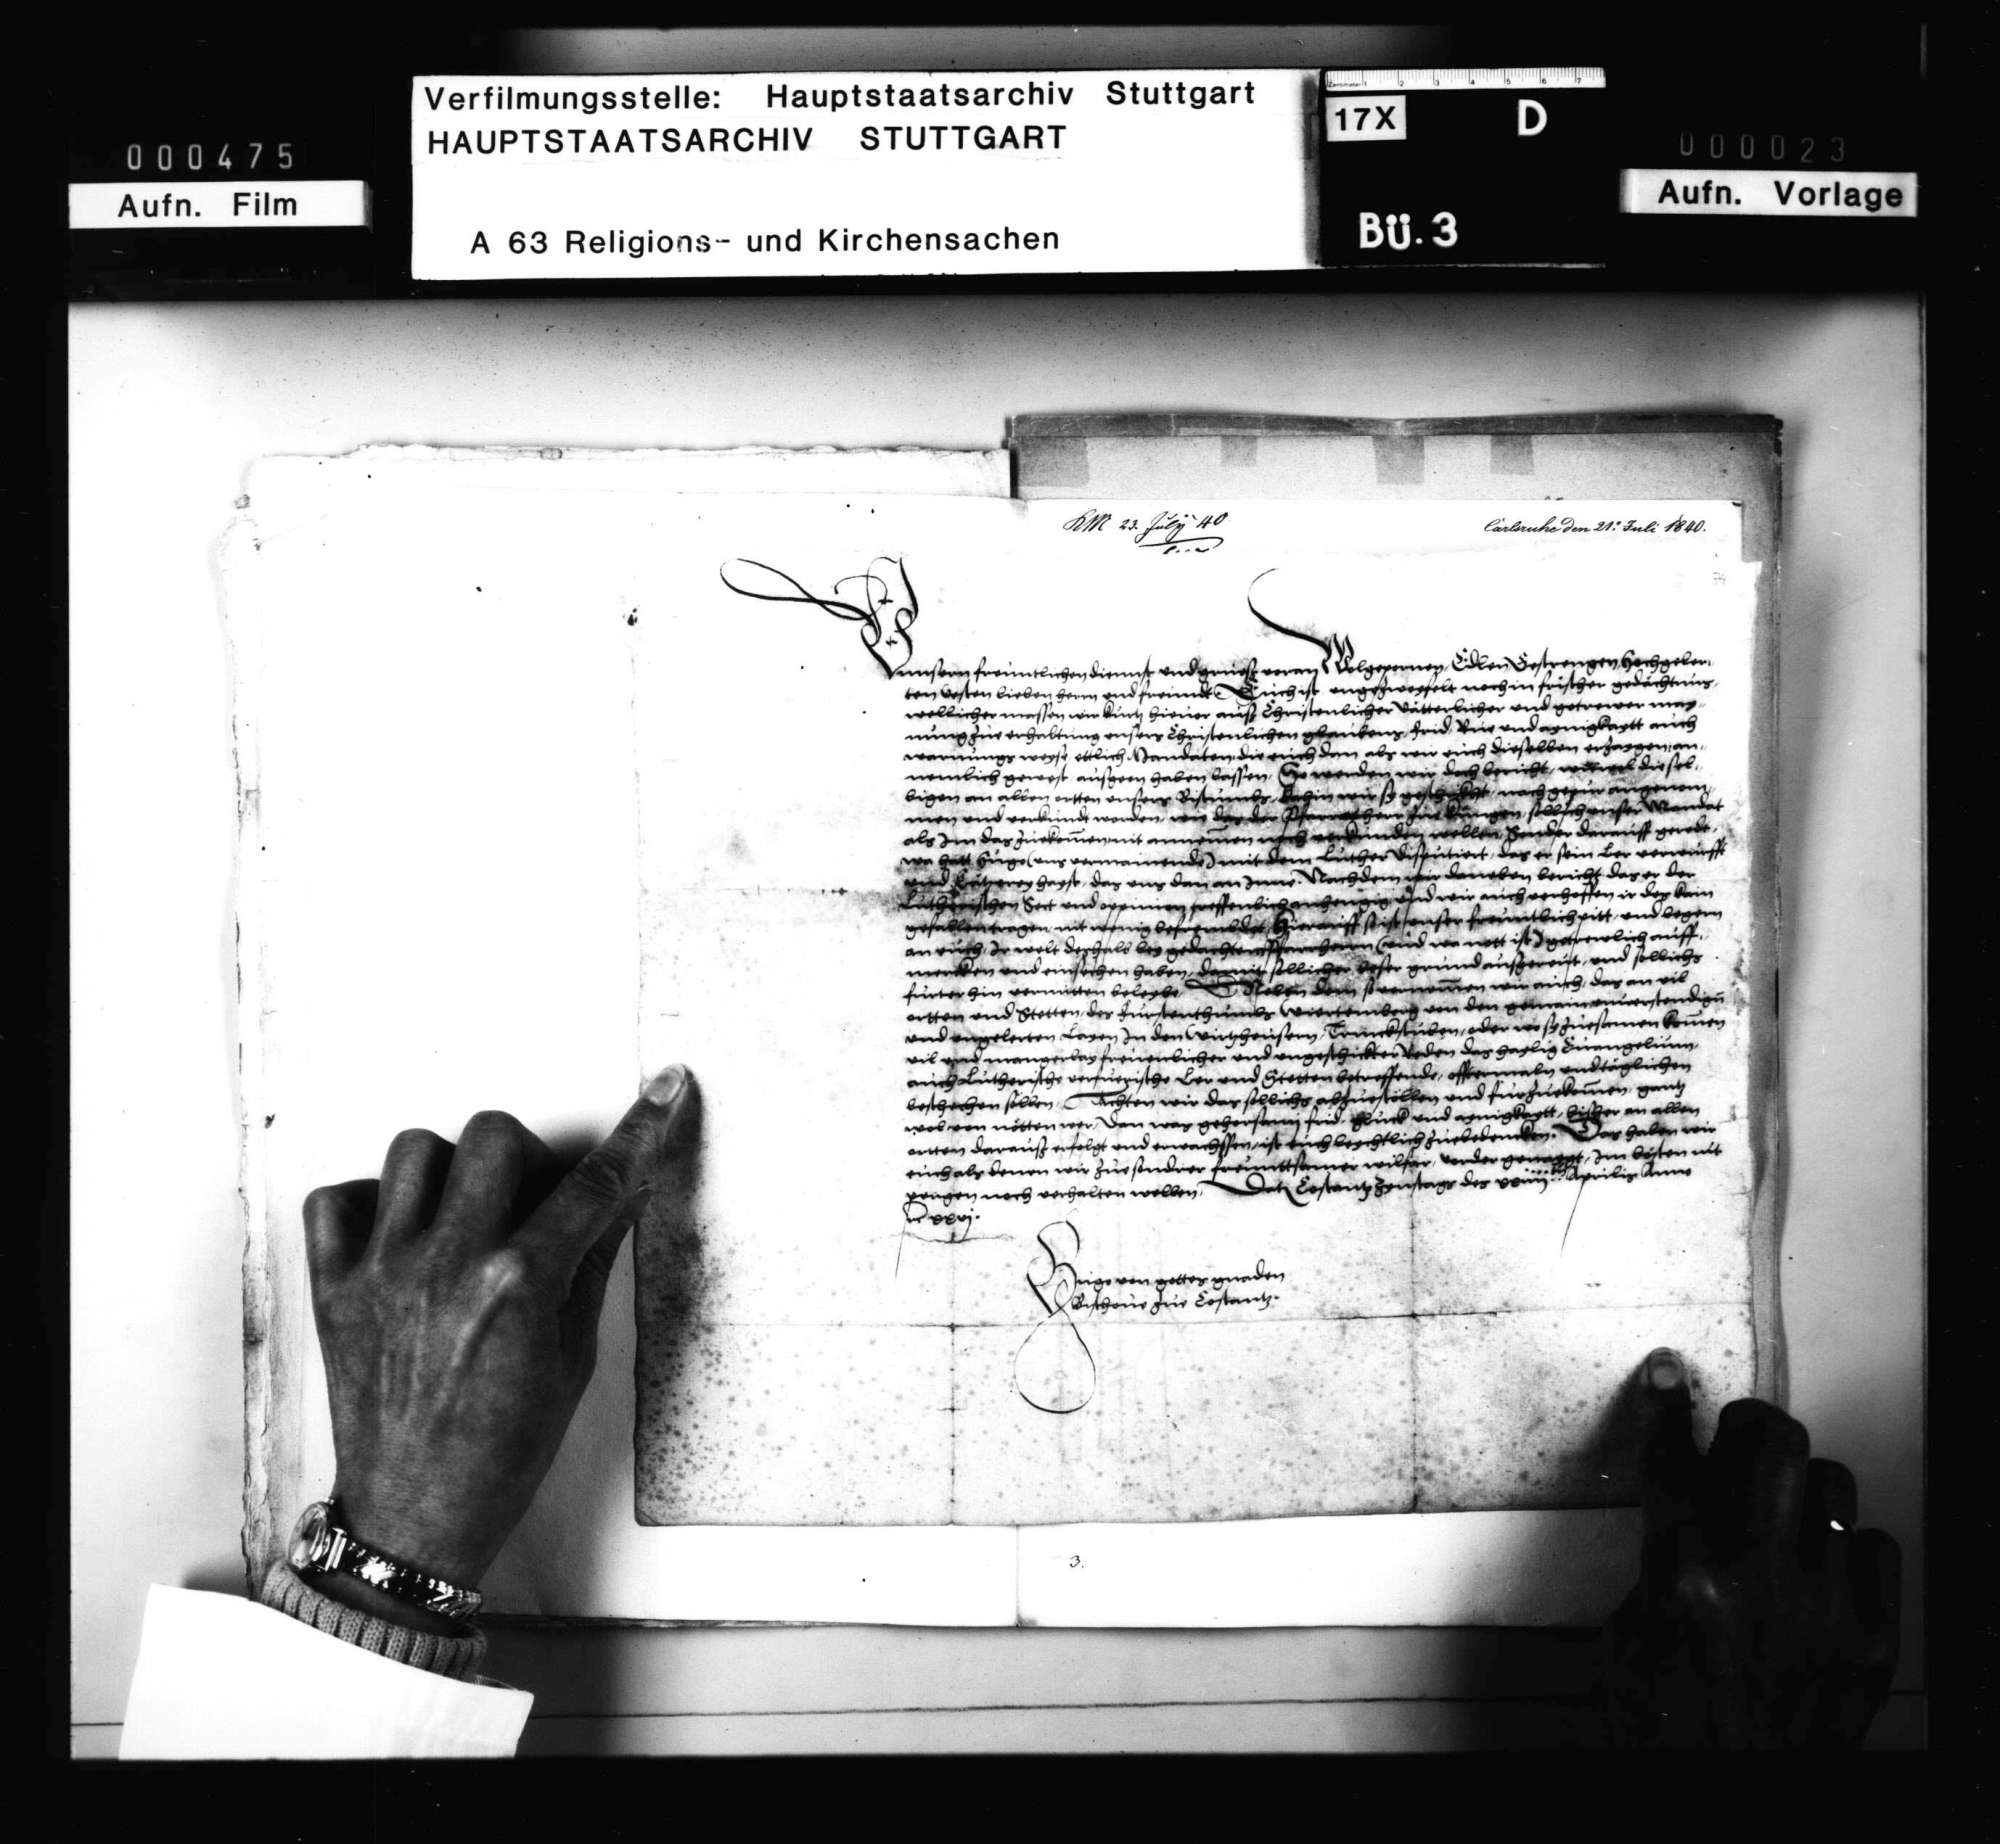 Schreiben des Bischofs von Konstanz an die österreichische Regentschaft, die Unterdrückung der lutherischen Lehre in Württemberg betreffend, besonders zu Köngen, Bild 2